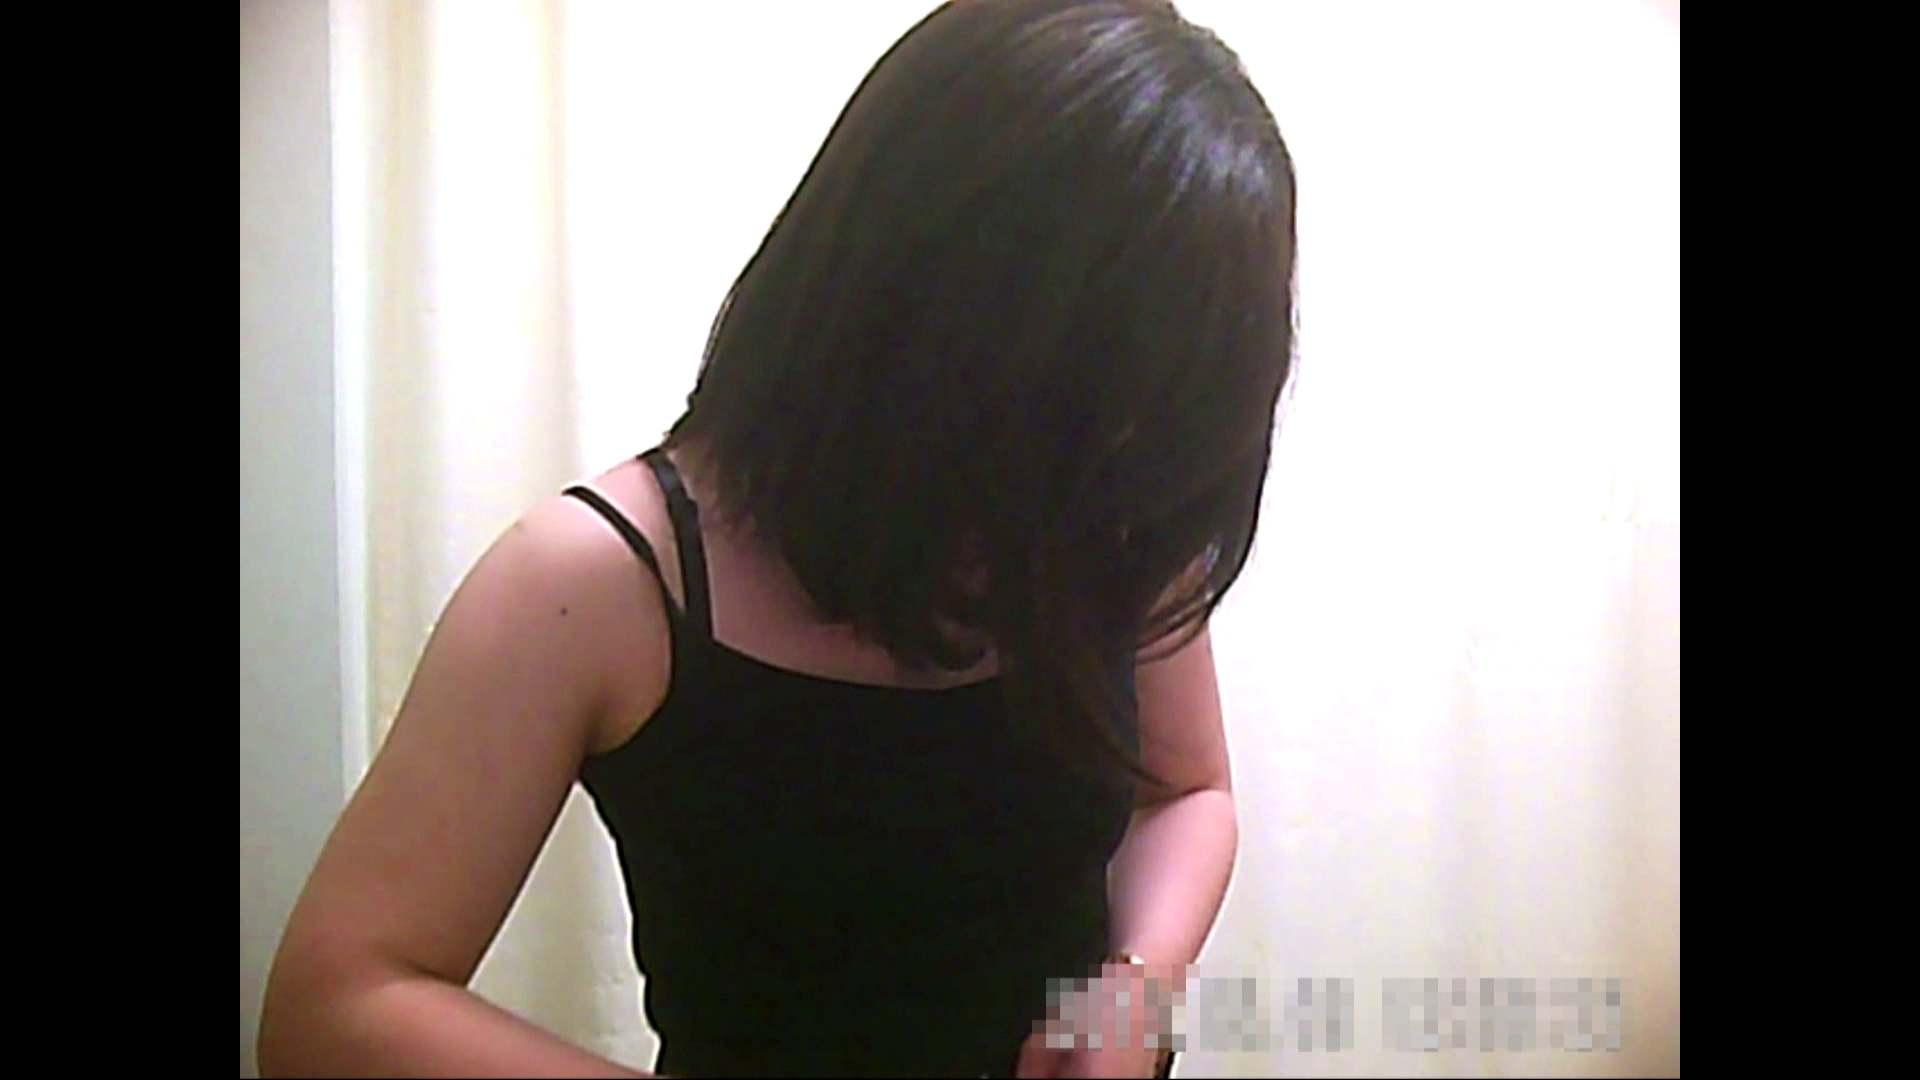 元医者による反抗 更衣室地獄絵巻 vol.086 OL | 0  91連発 32